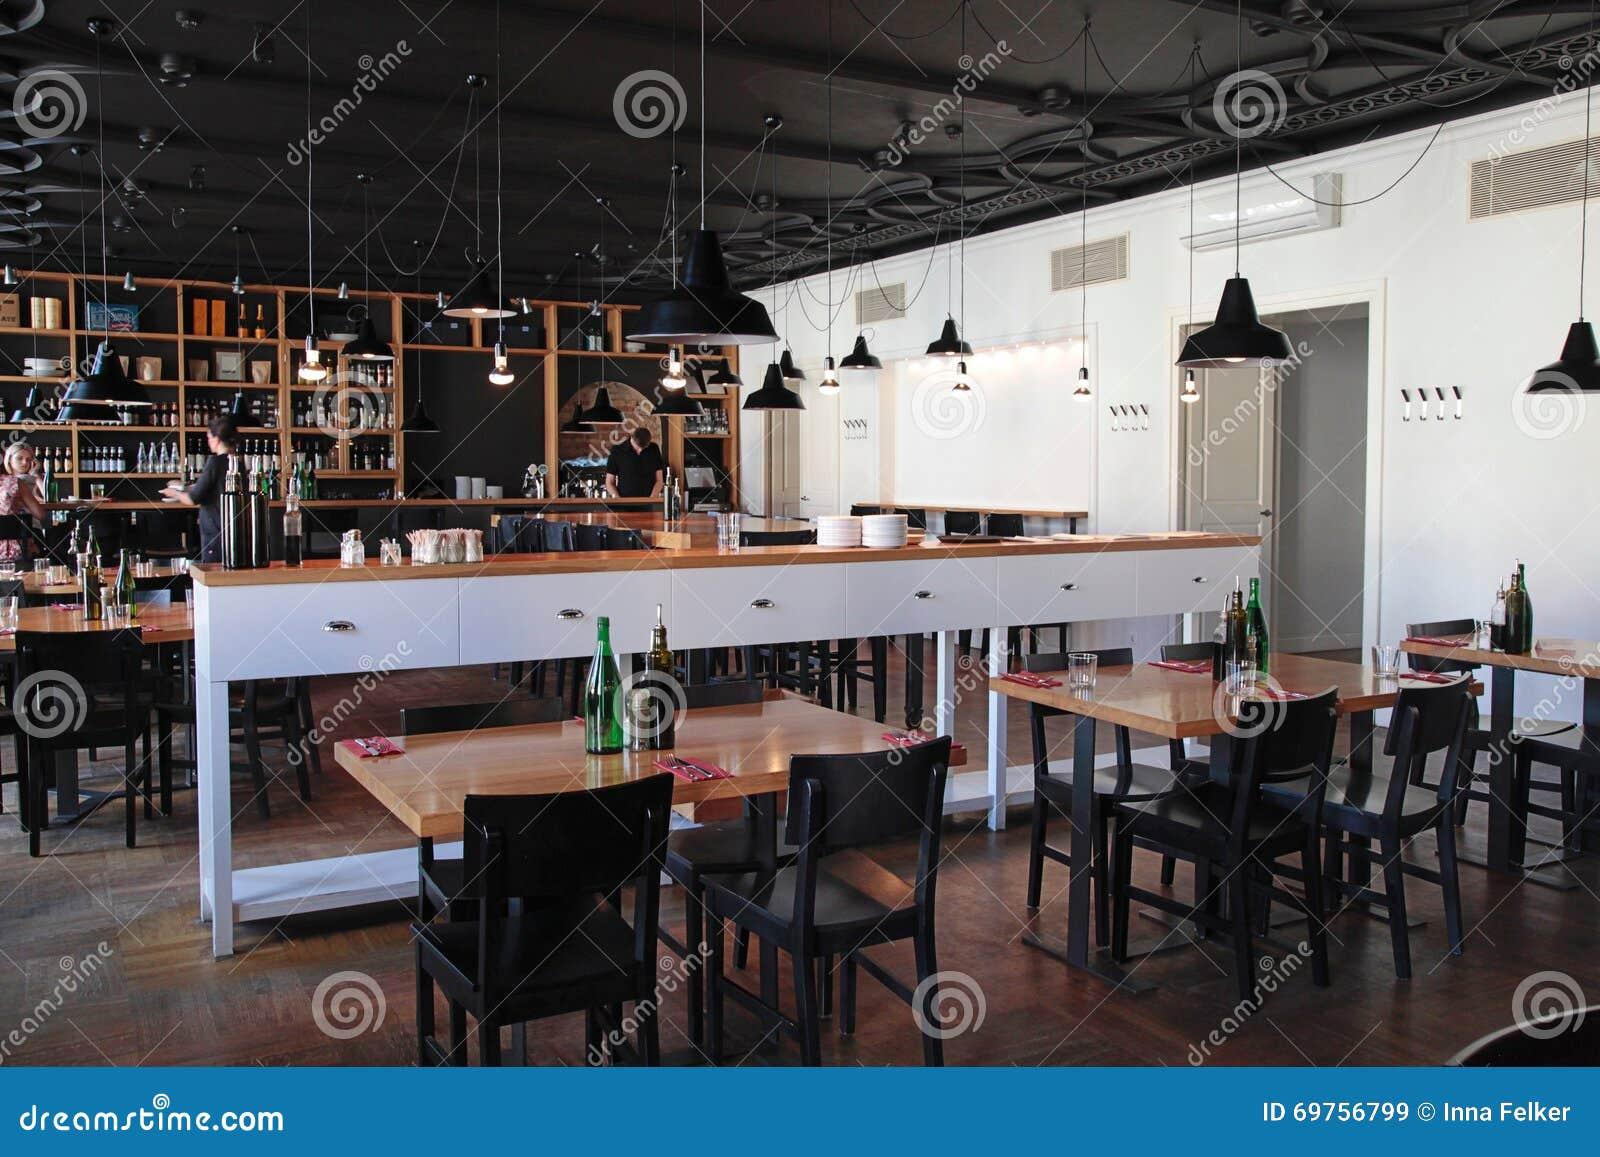 modernes caf mit gemtlichem innenraum